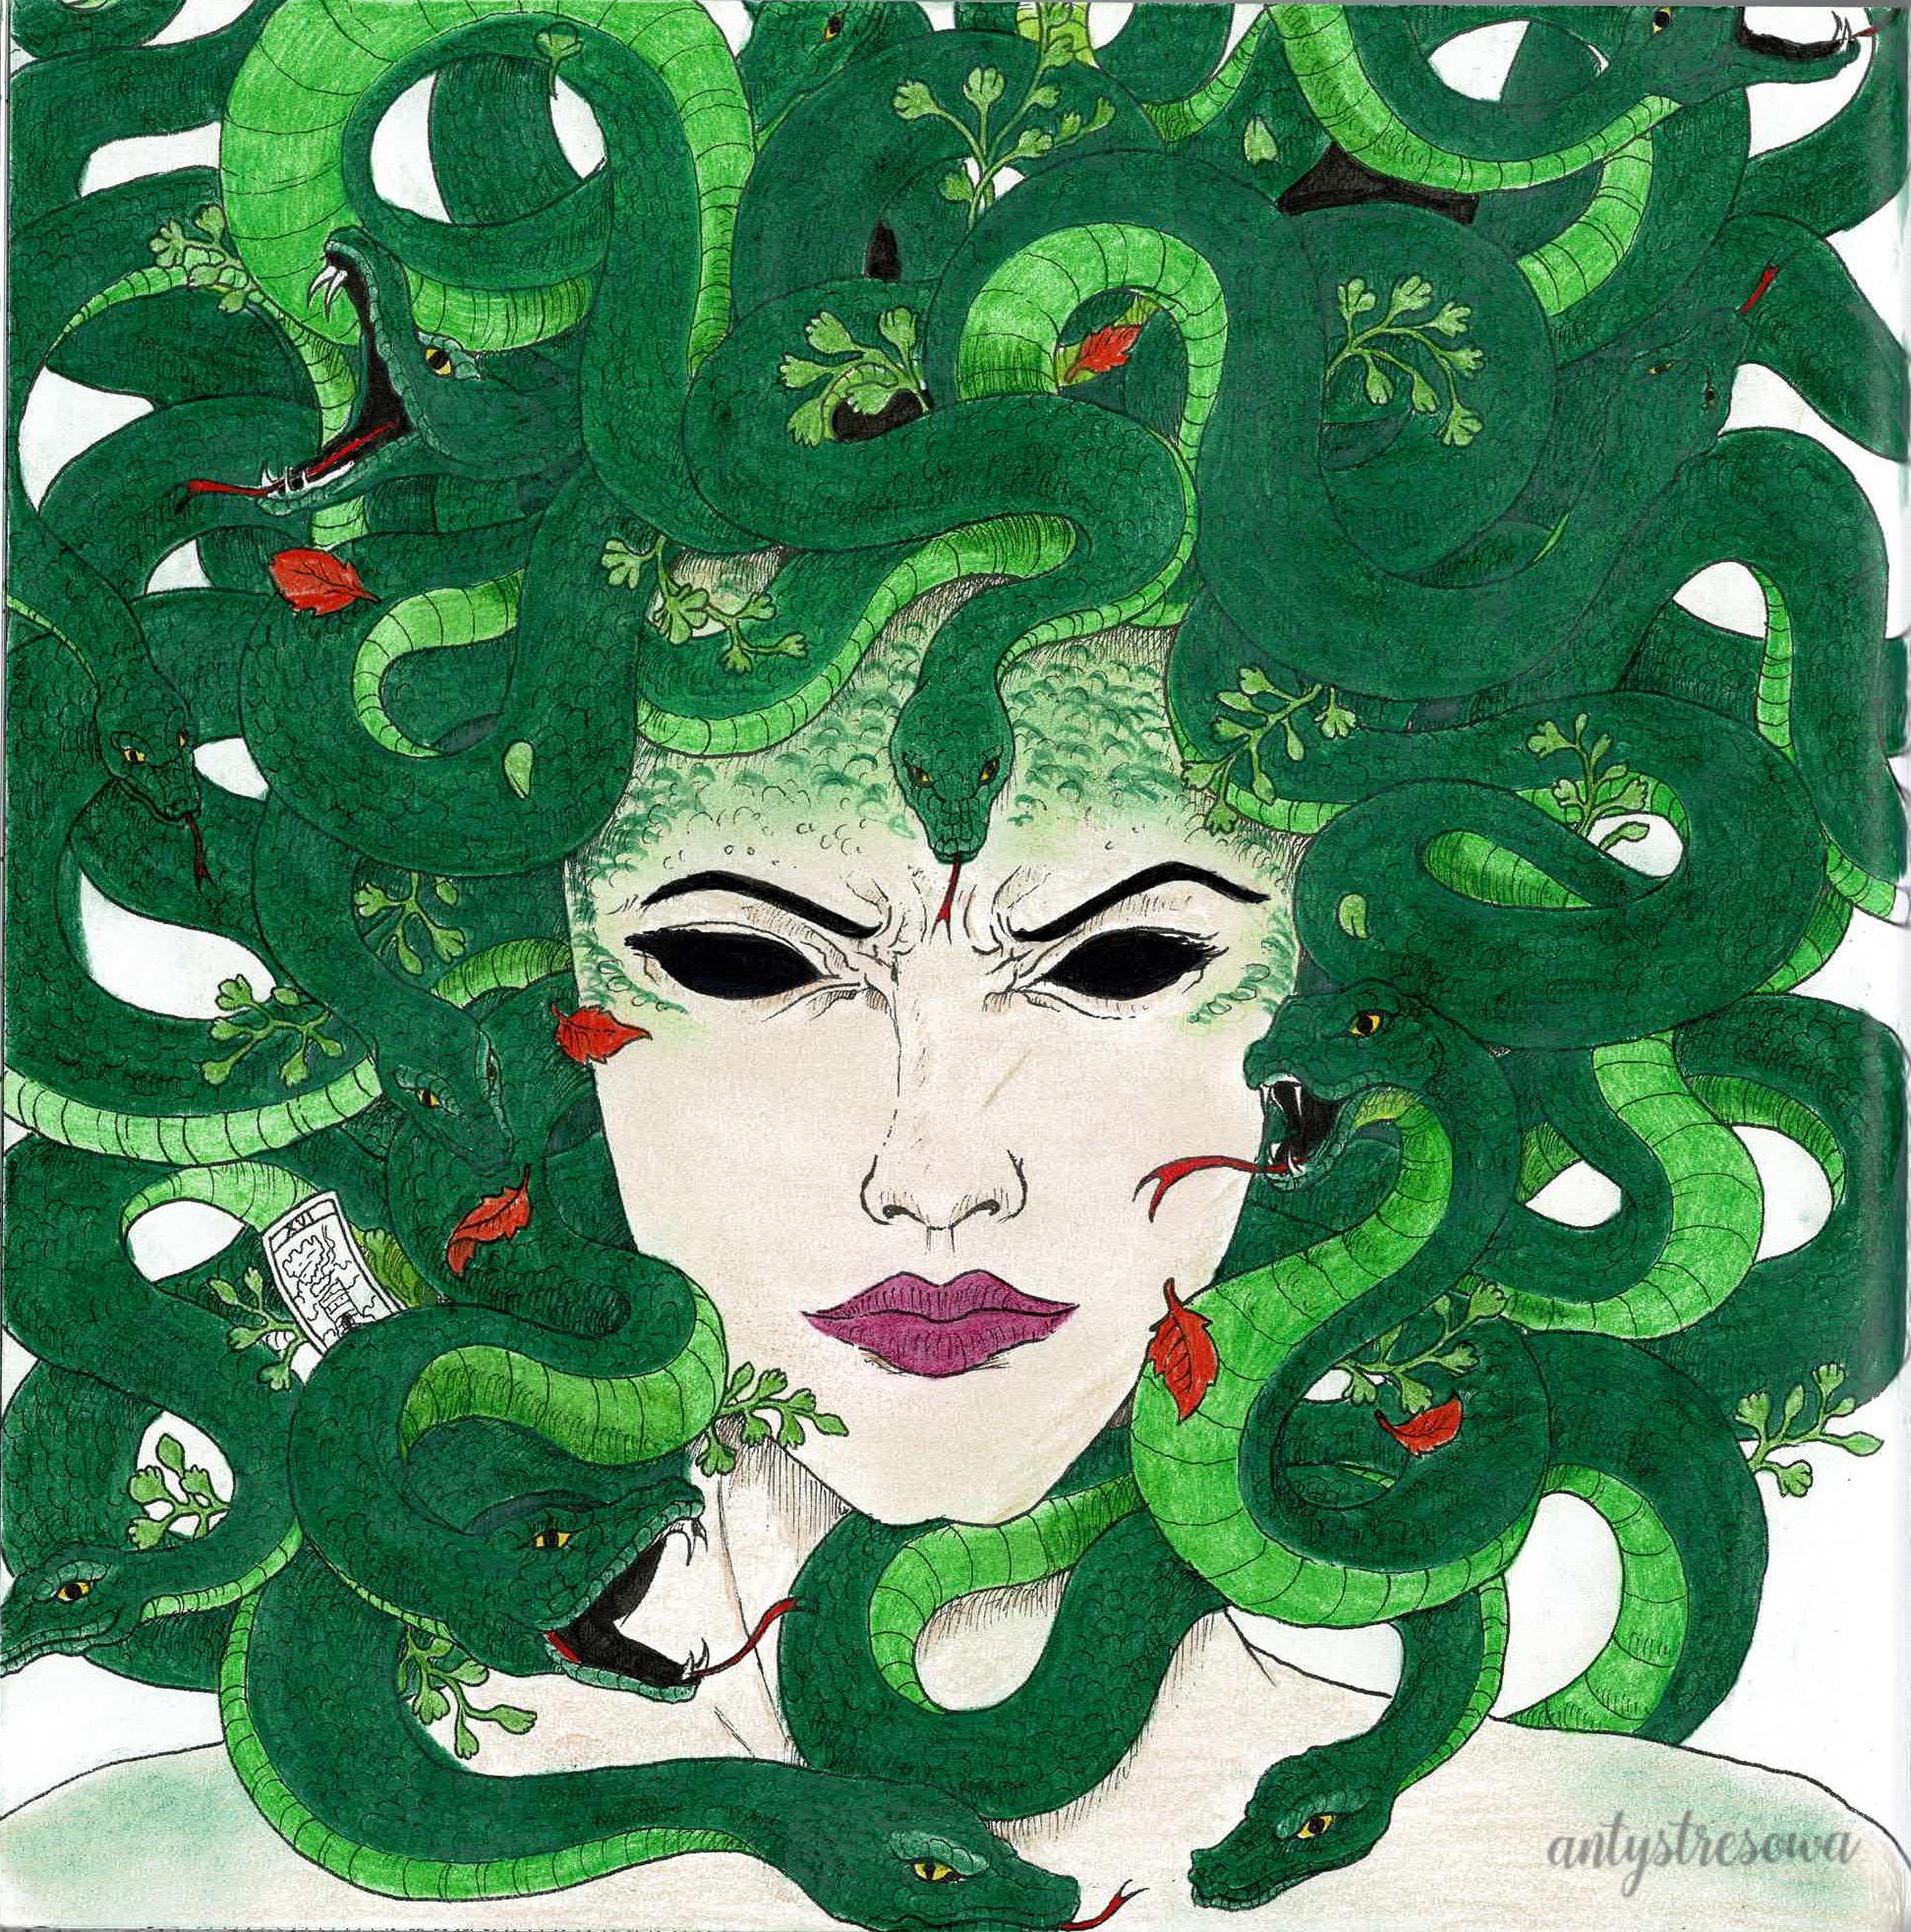 Meduza - Mythomorphia, Kerby Rosanes